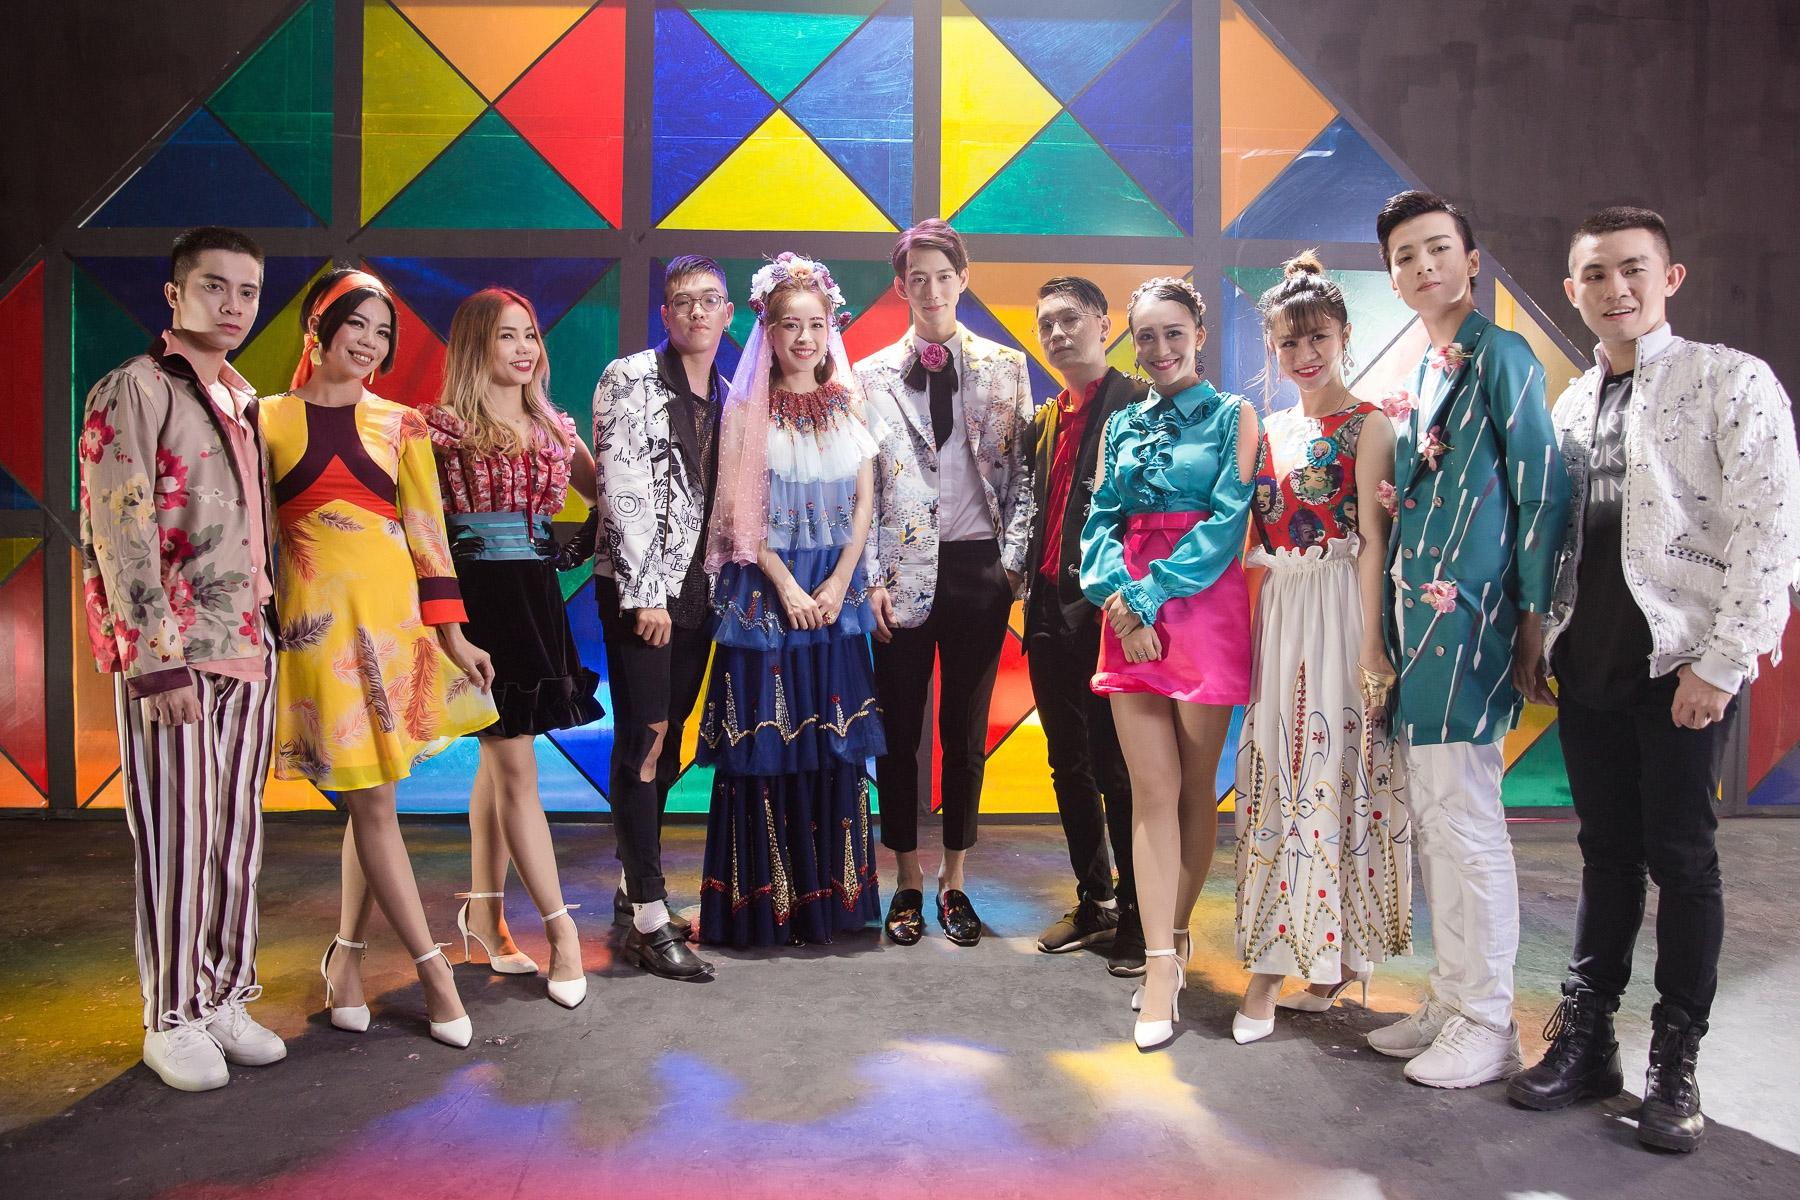 Thời trang trong MV của Chi Pu: là chơi lố hay phong cách màu mè có chủ đích rõ ràng? - Ảnh 6.